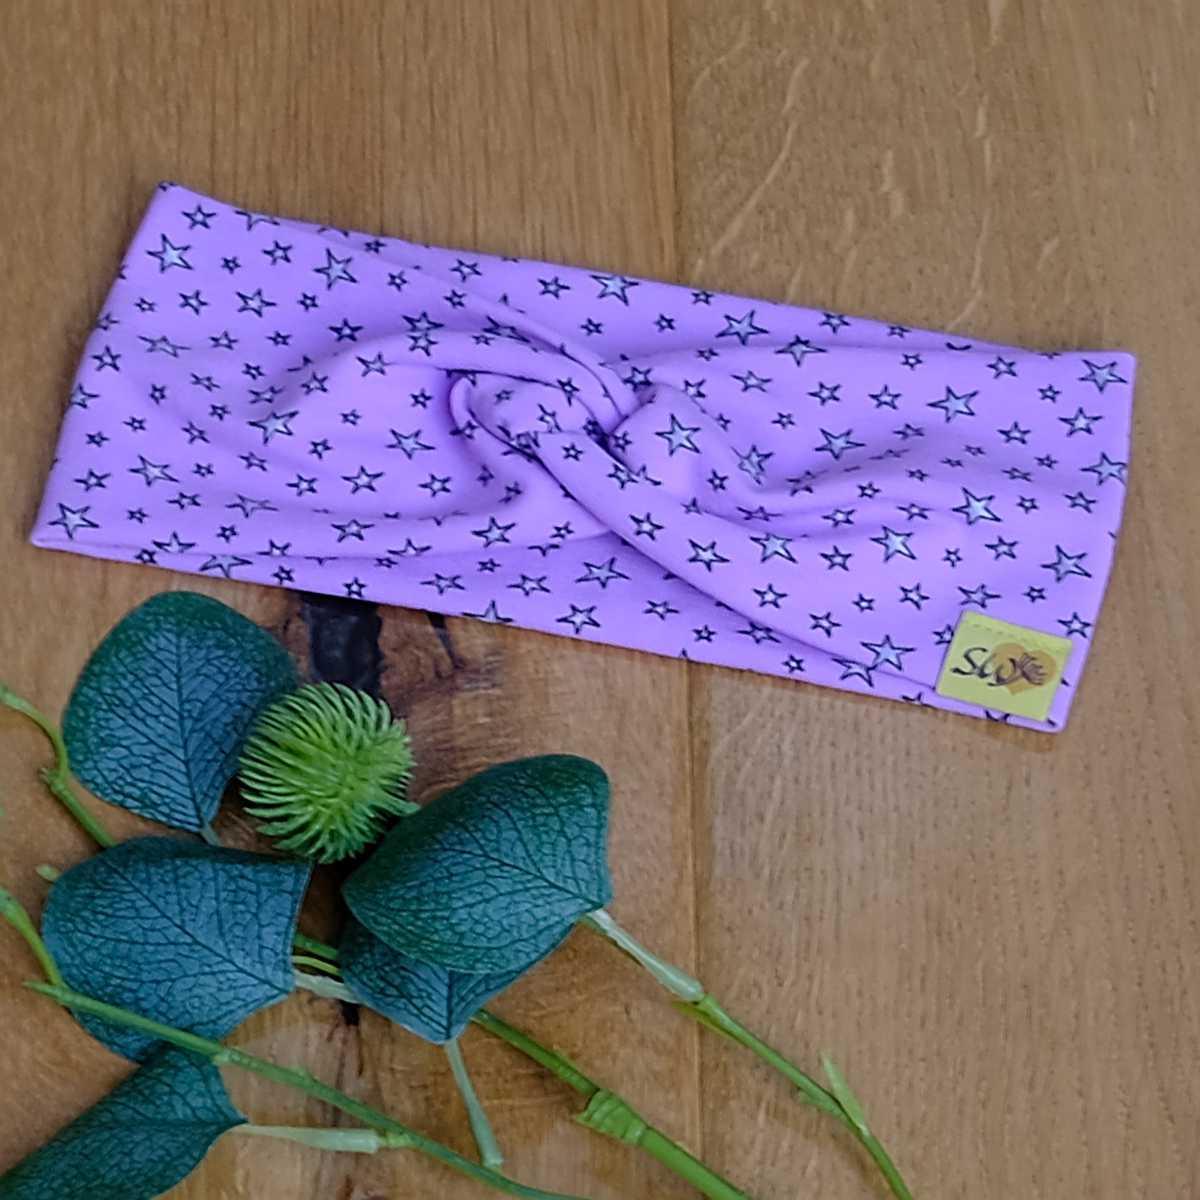 """stylisches Knoten-Stirnband aus Jersey für Kinder und Erwachsene mit Muster """"Sterne auf flieder"""""""